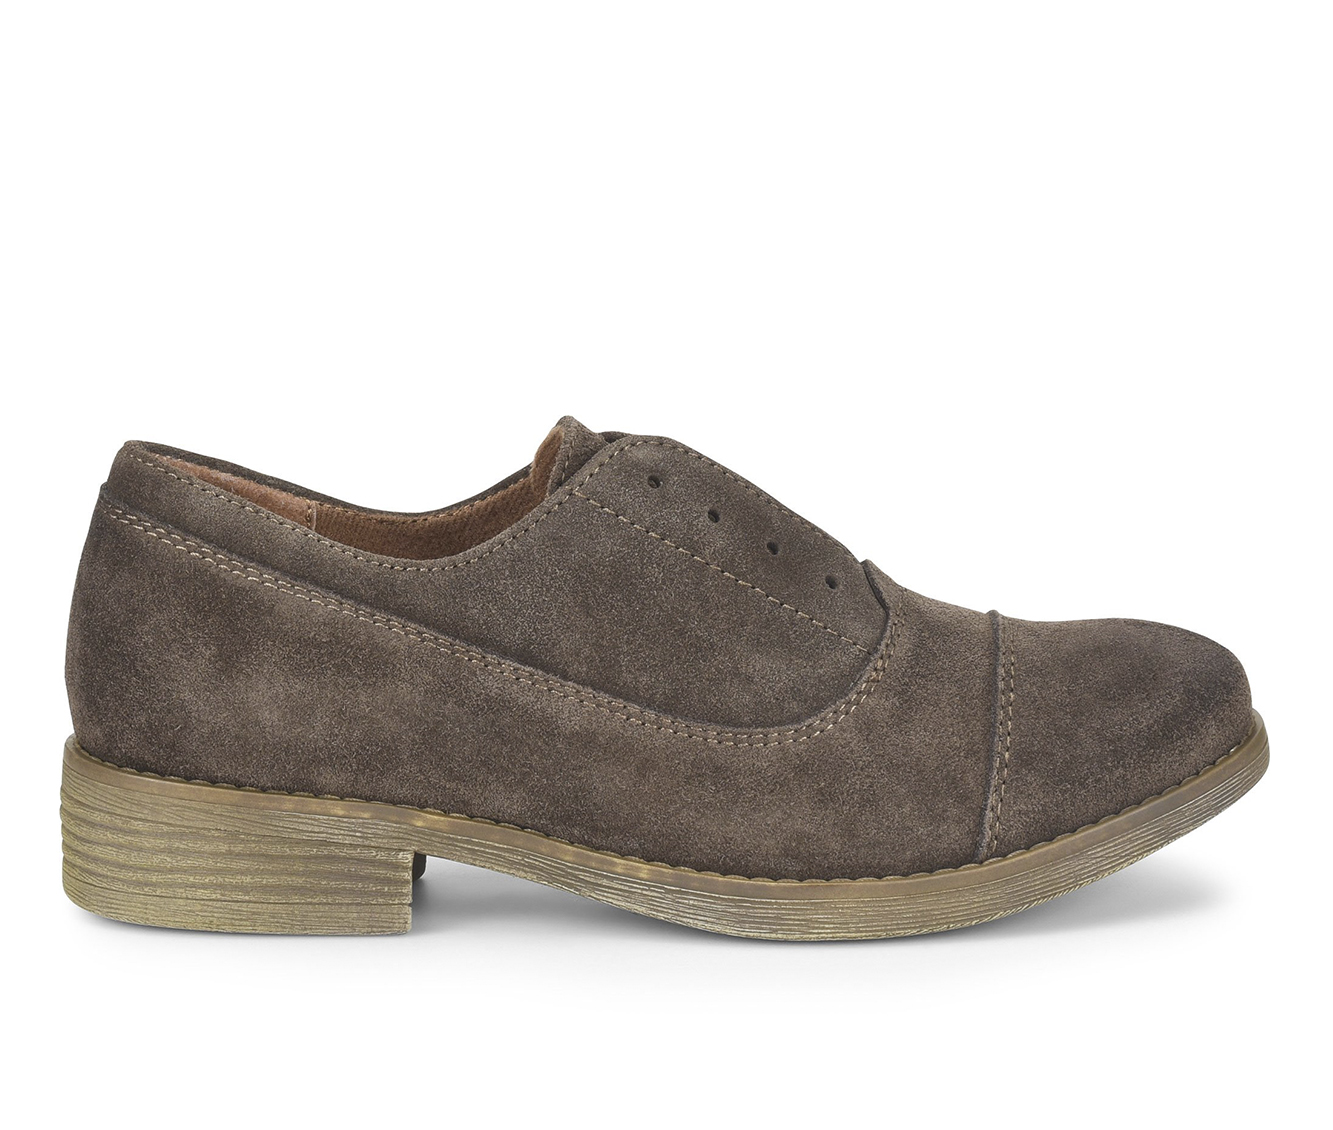 EuroSoft Tanya Women's Shoe (Brown Suede)